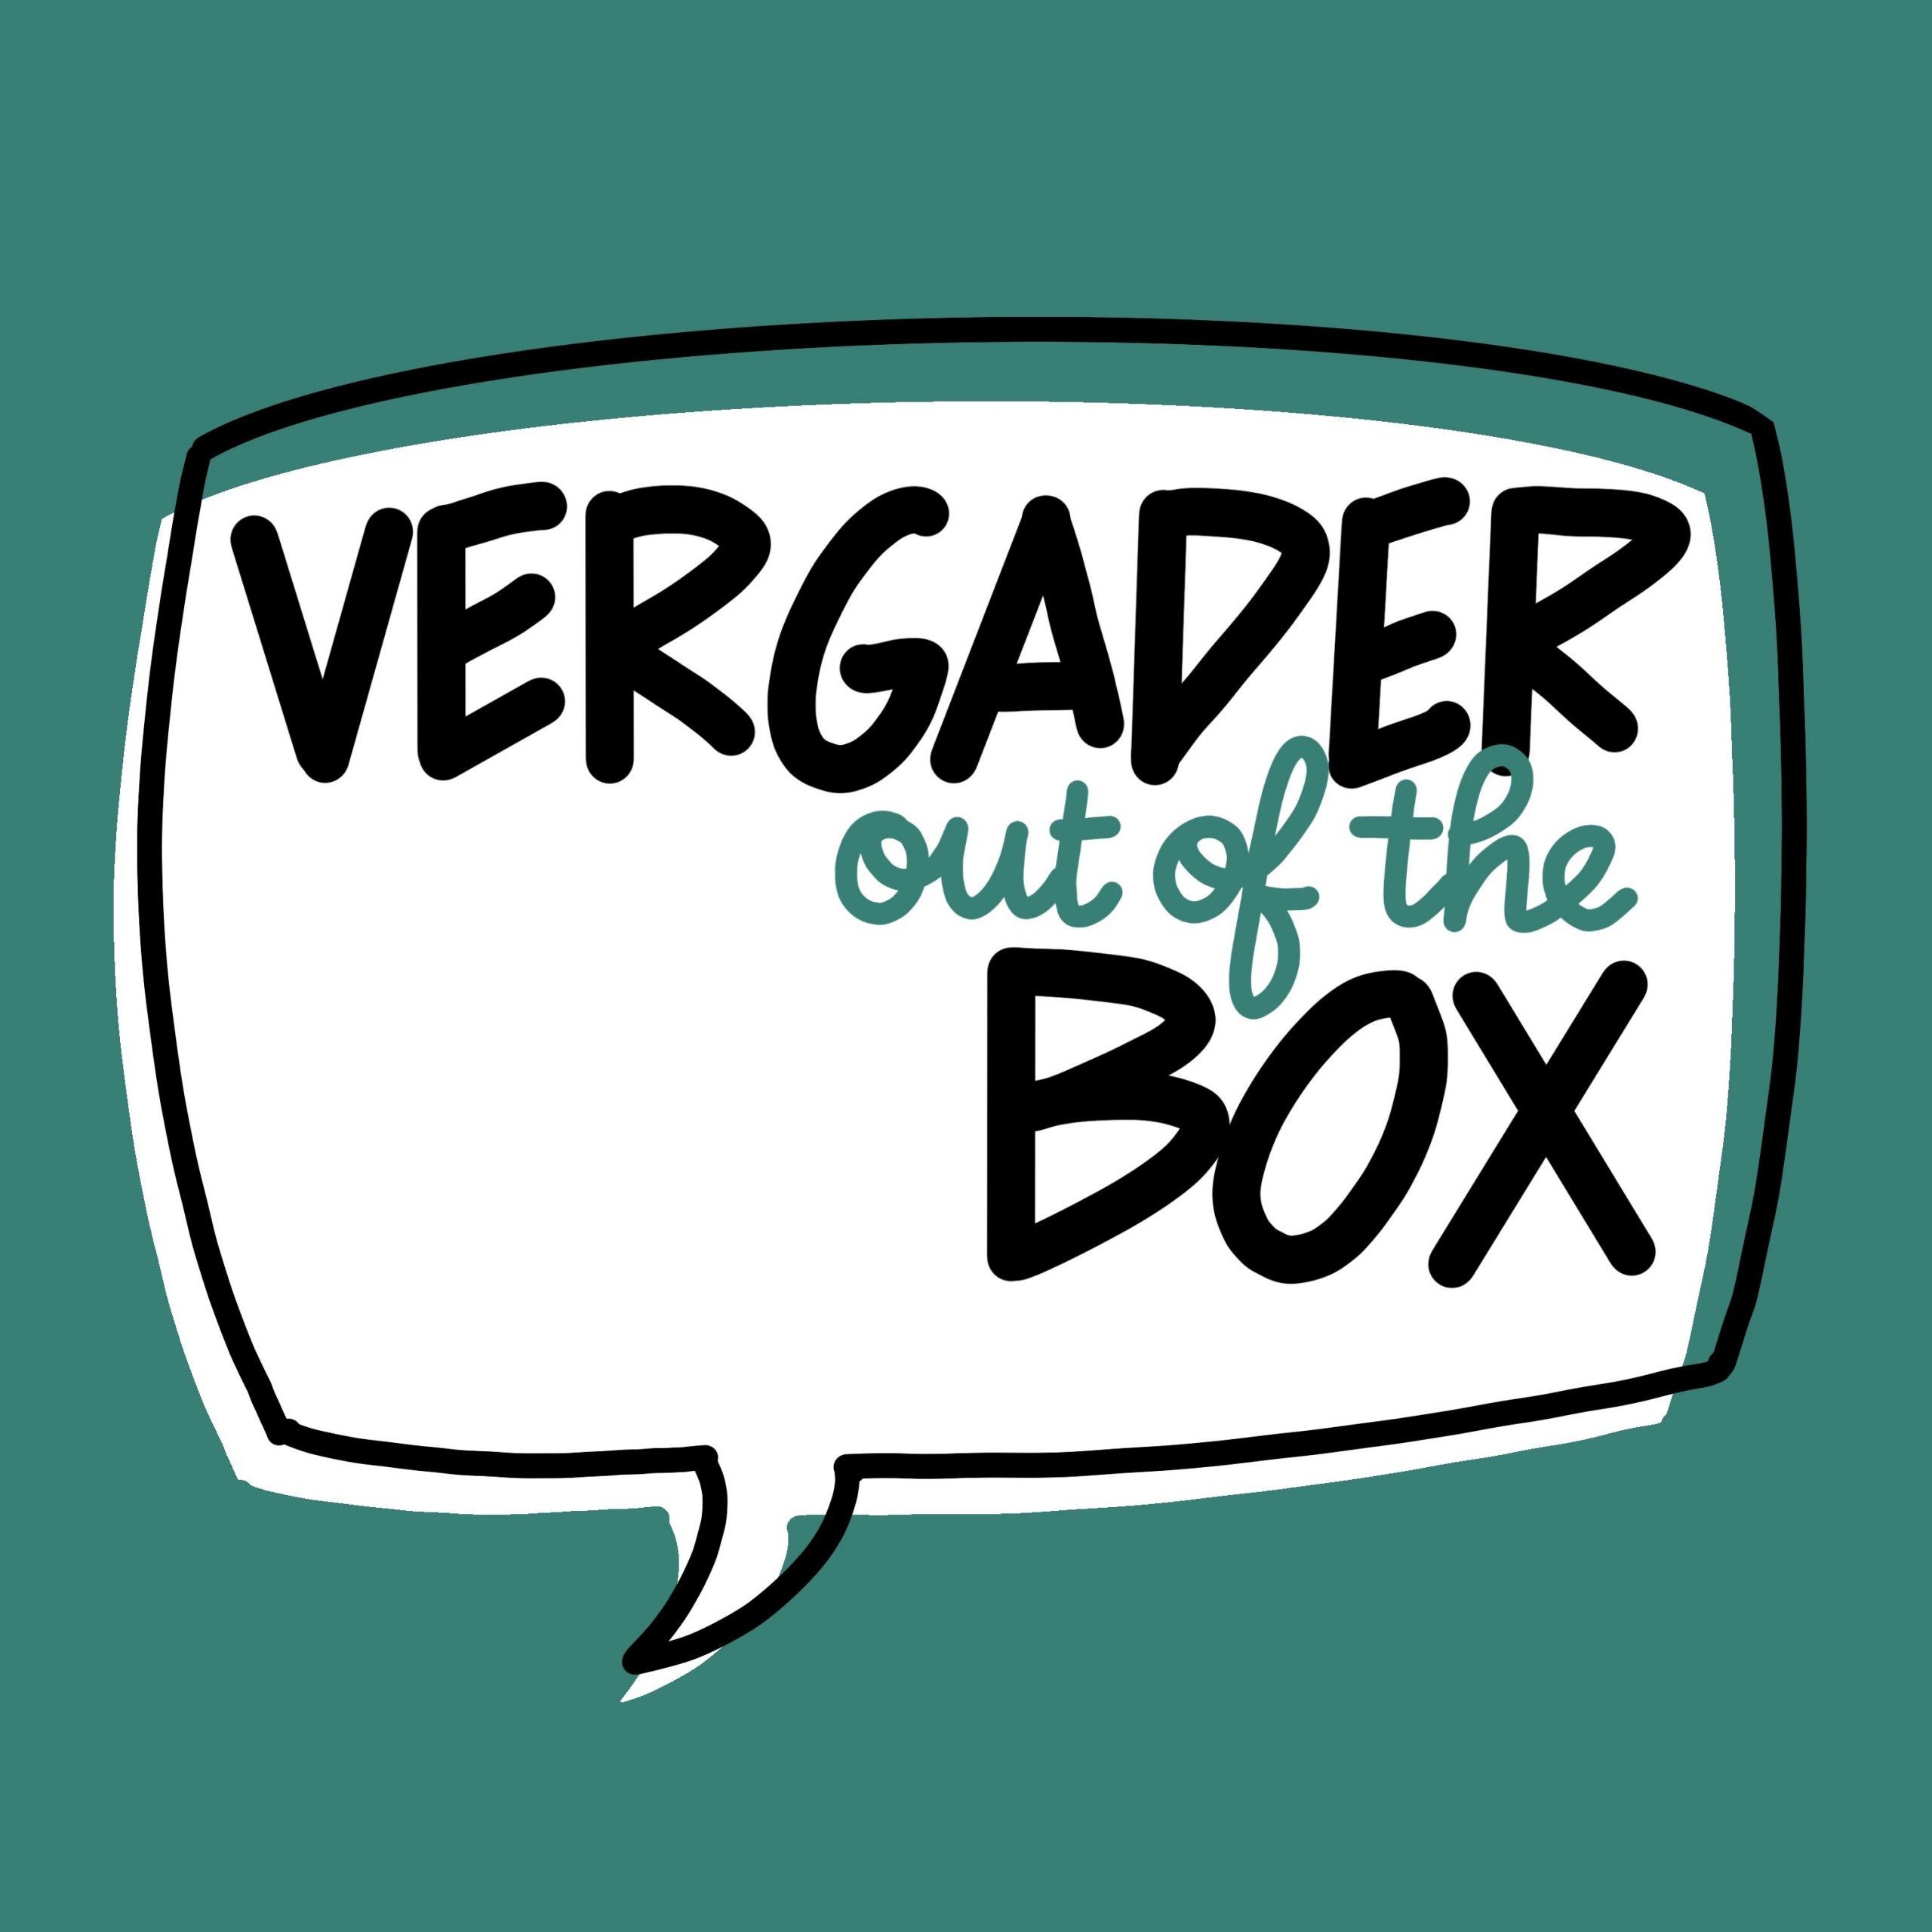 creatief vergaderen out of the box denken